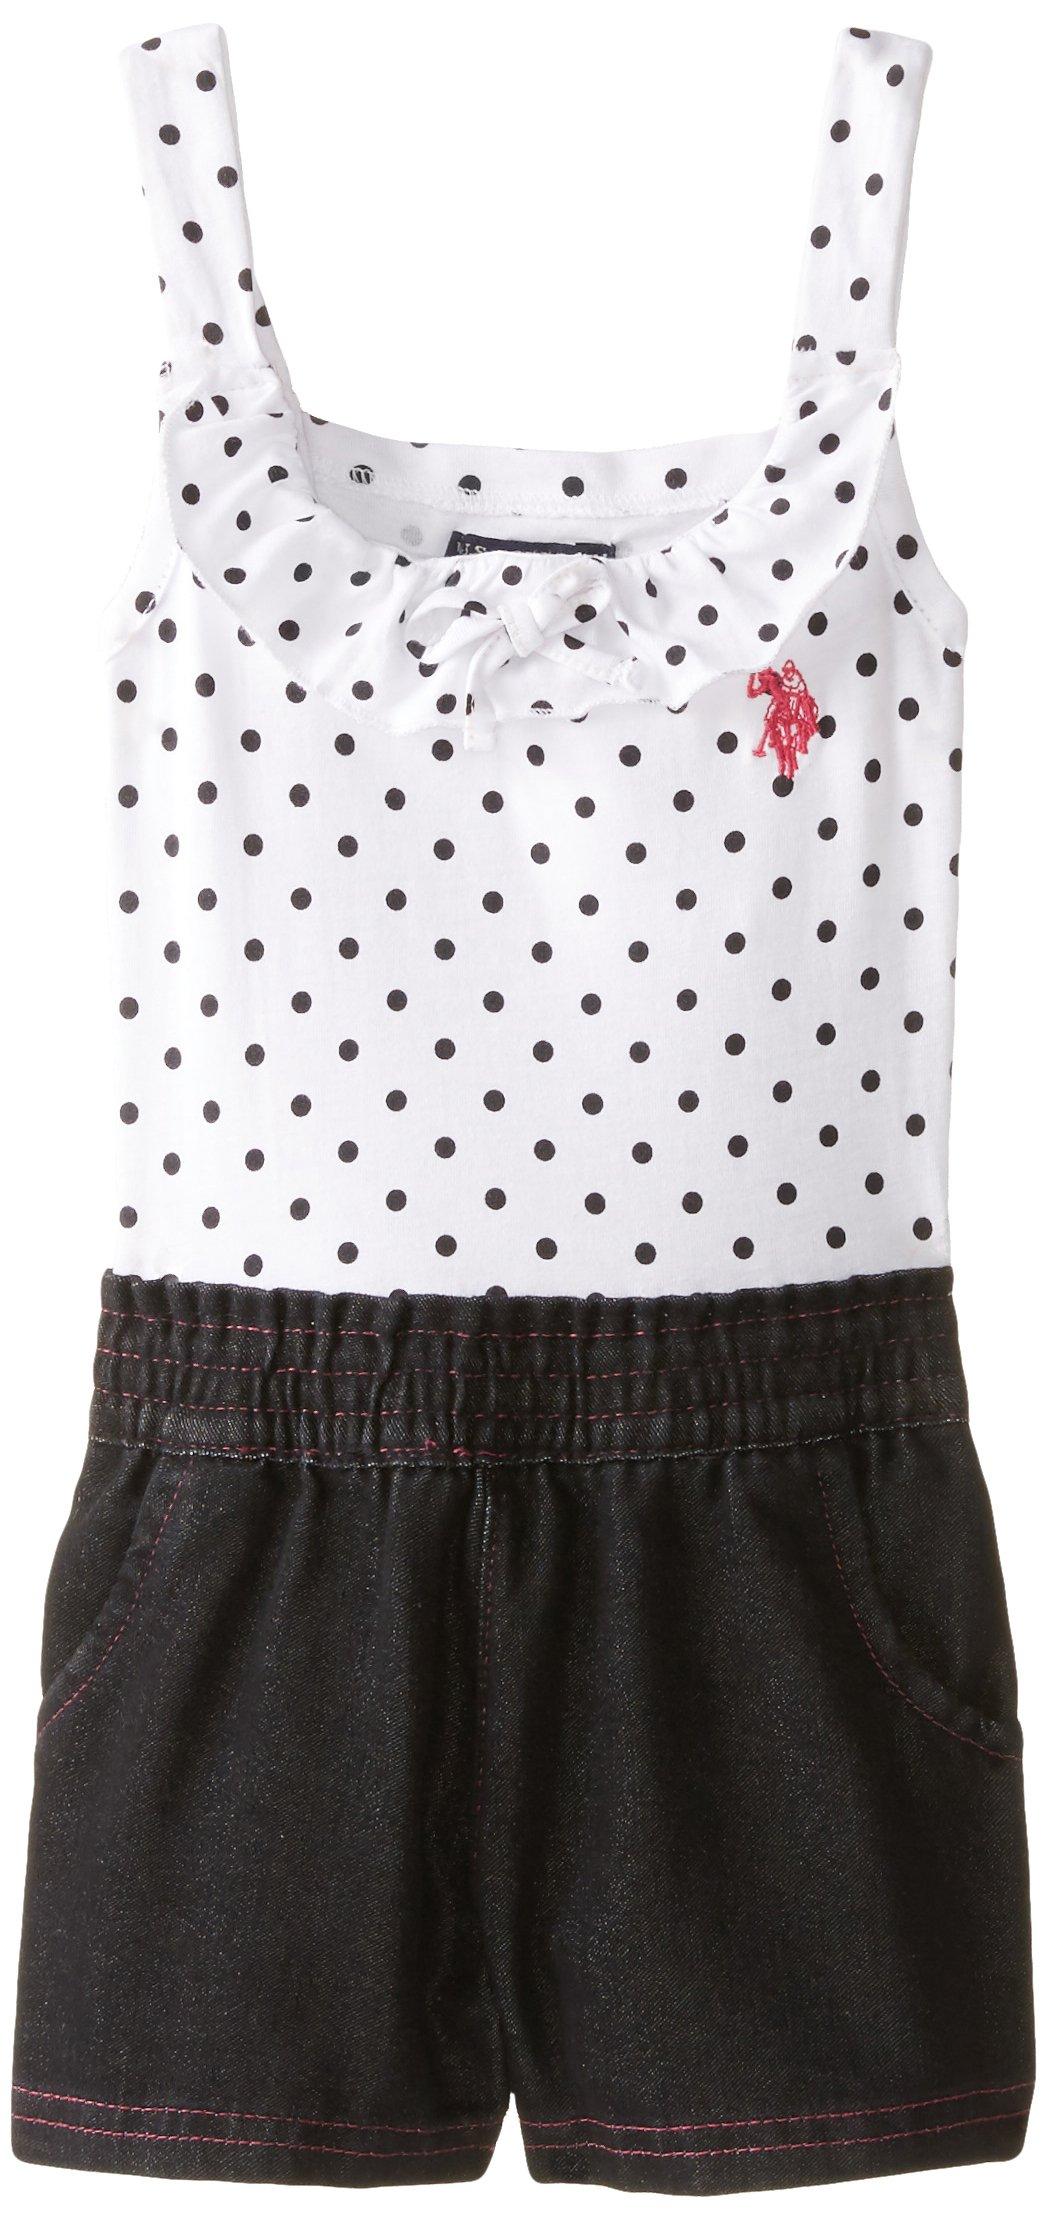 U.S. Polo Assn. Little Girls' Polka Dot Print Jersey Top and Denim Short Romper, Black, 4